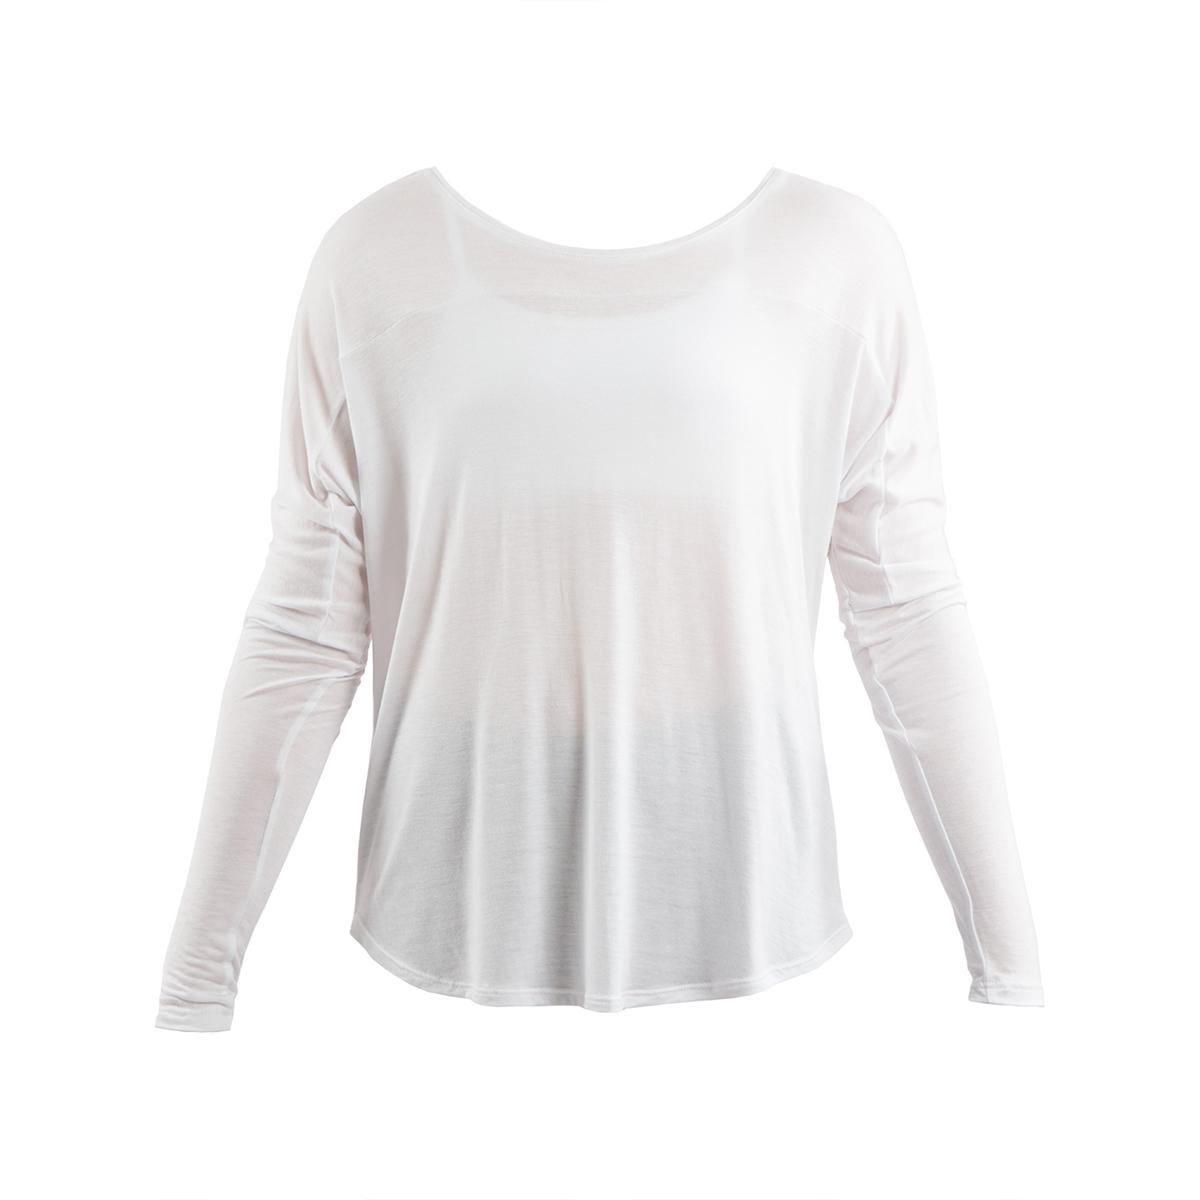 Studio Pullover - White